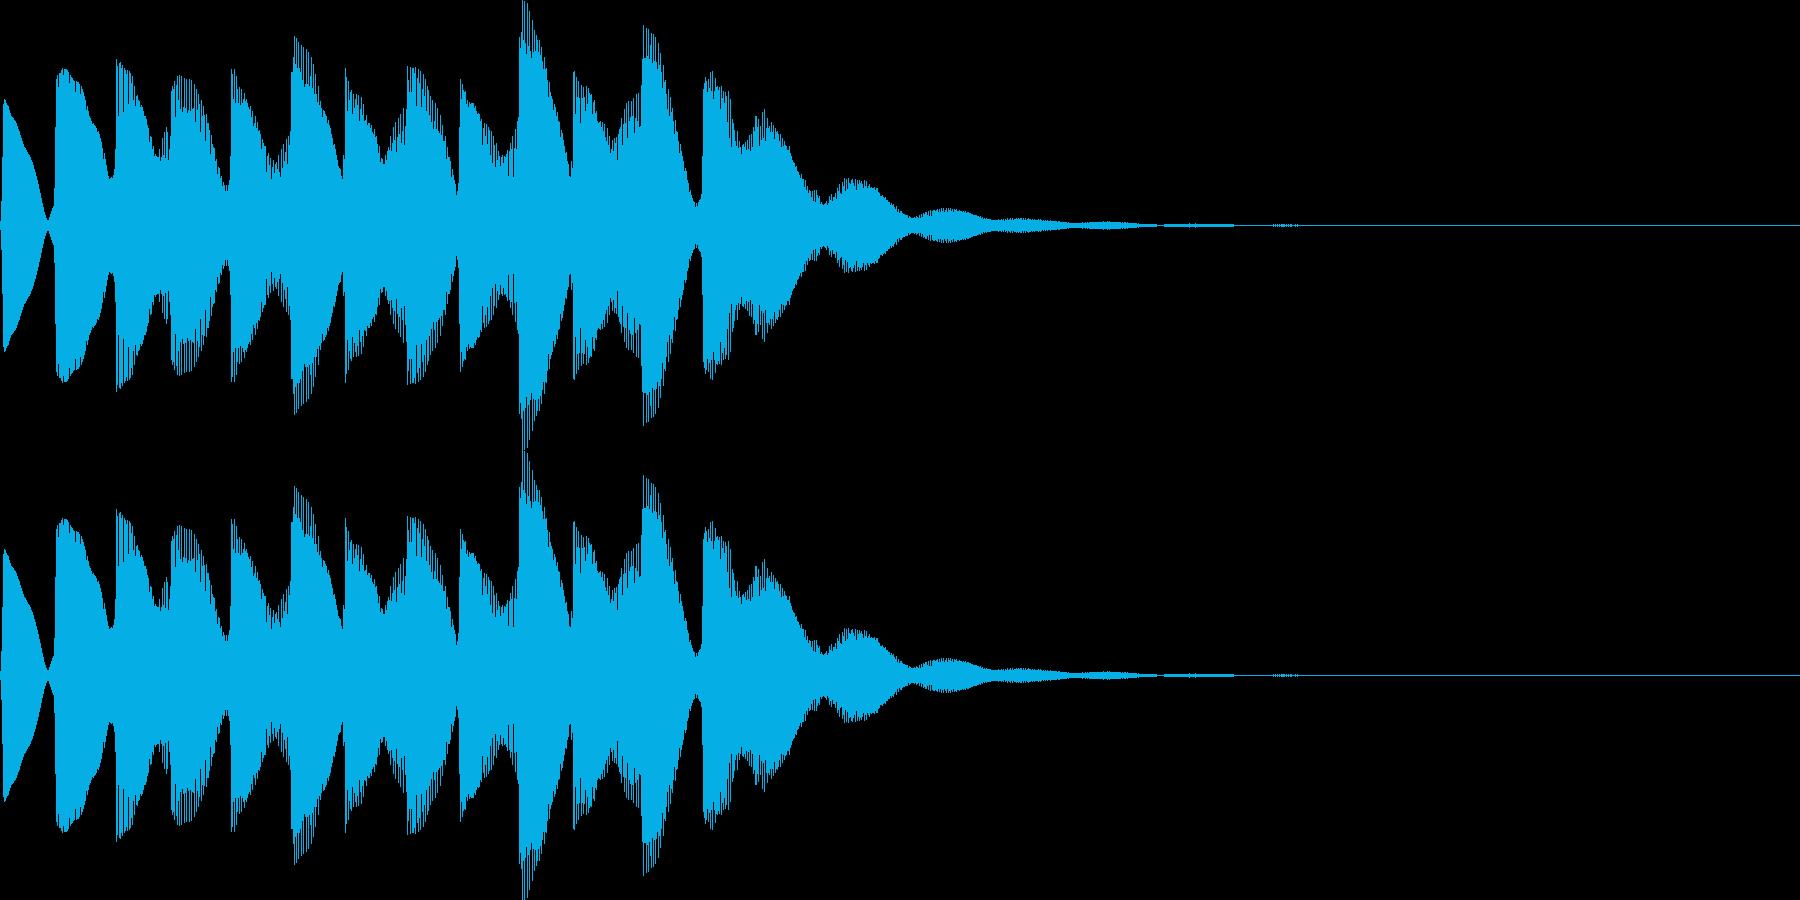 電車の発車メロディーの再生済みの波形